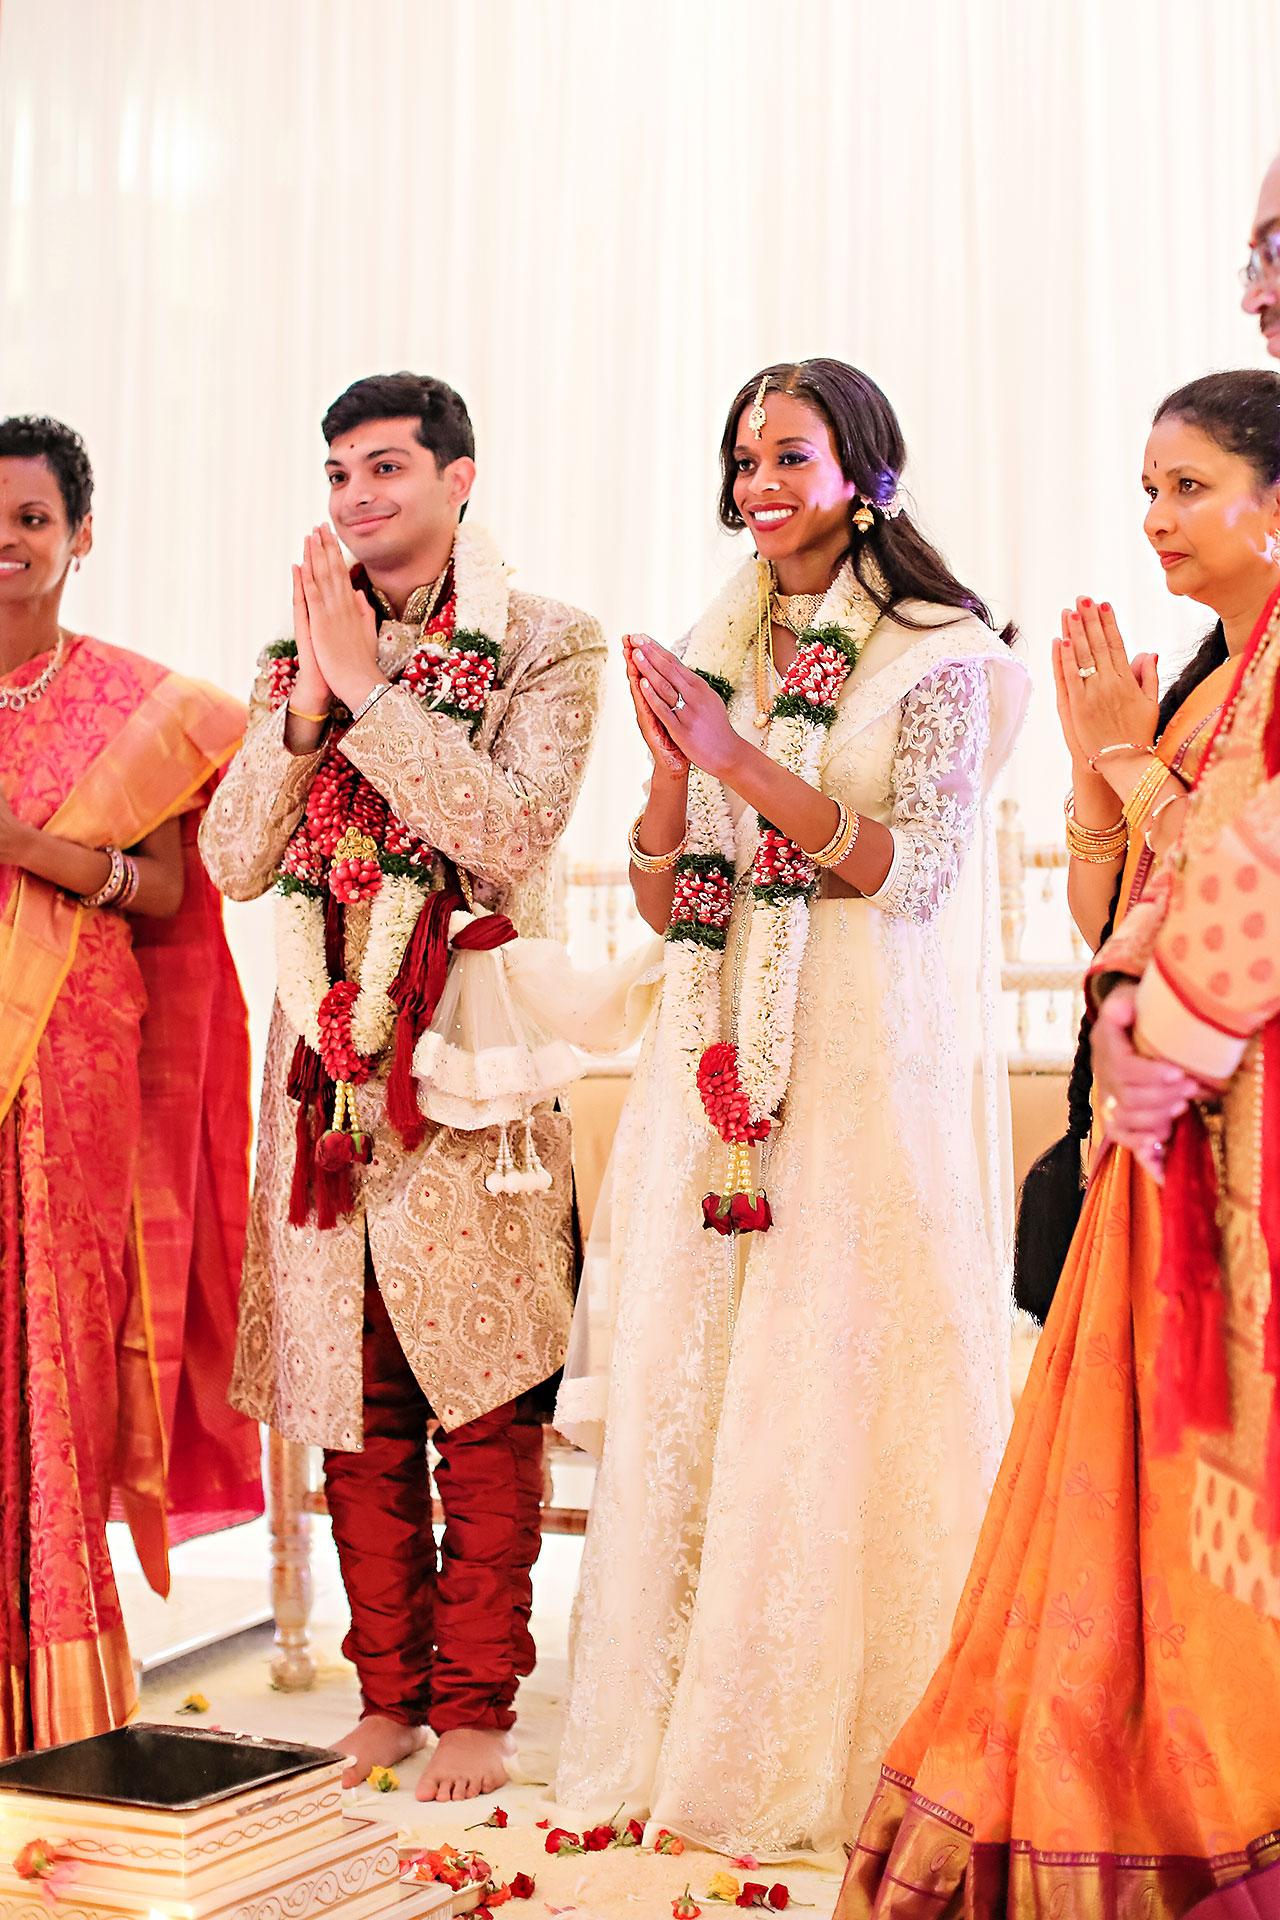 Joie Nikhil JW Marriott Indian Wedding 300